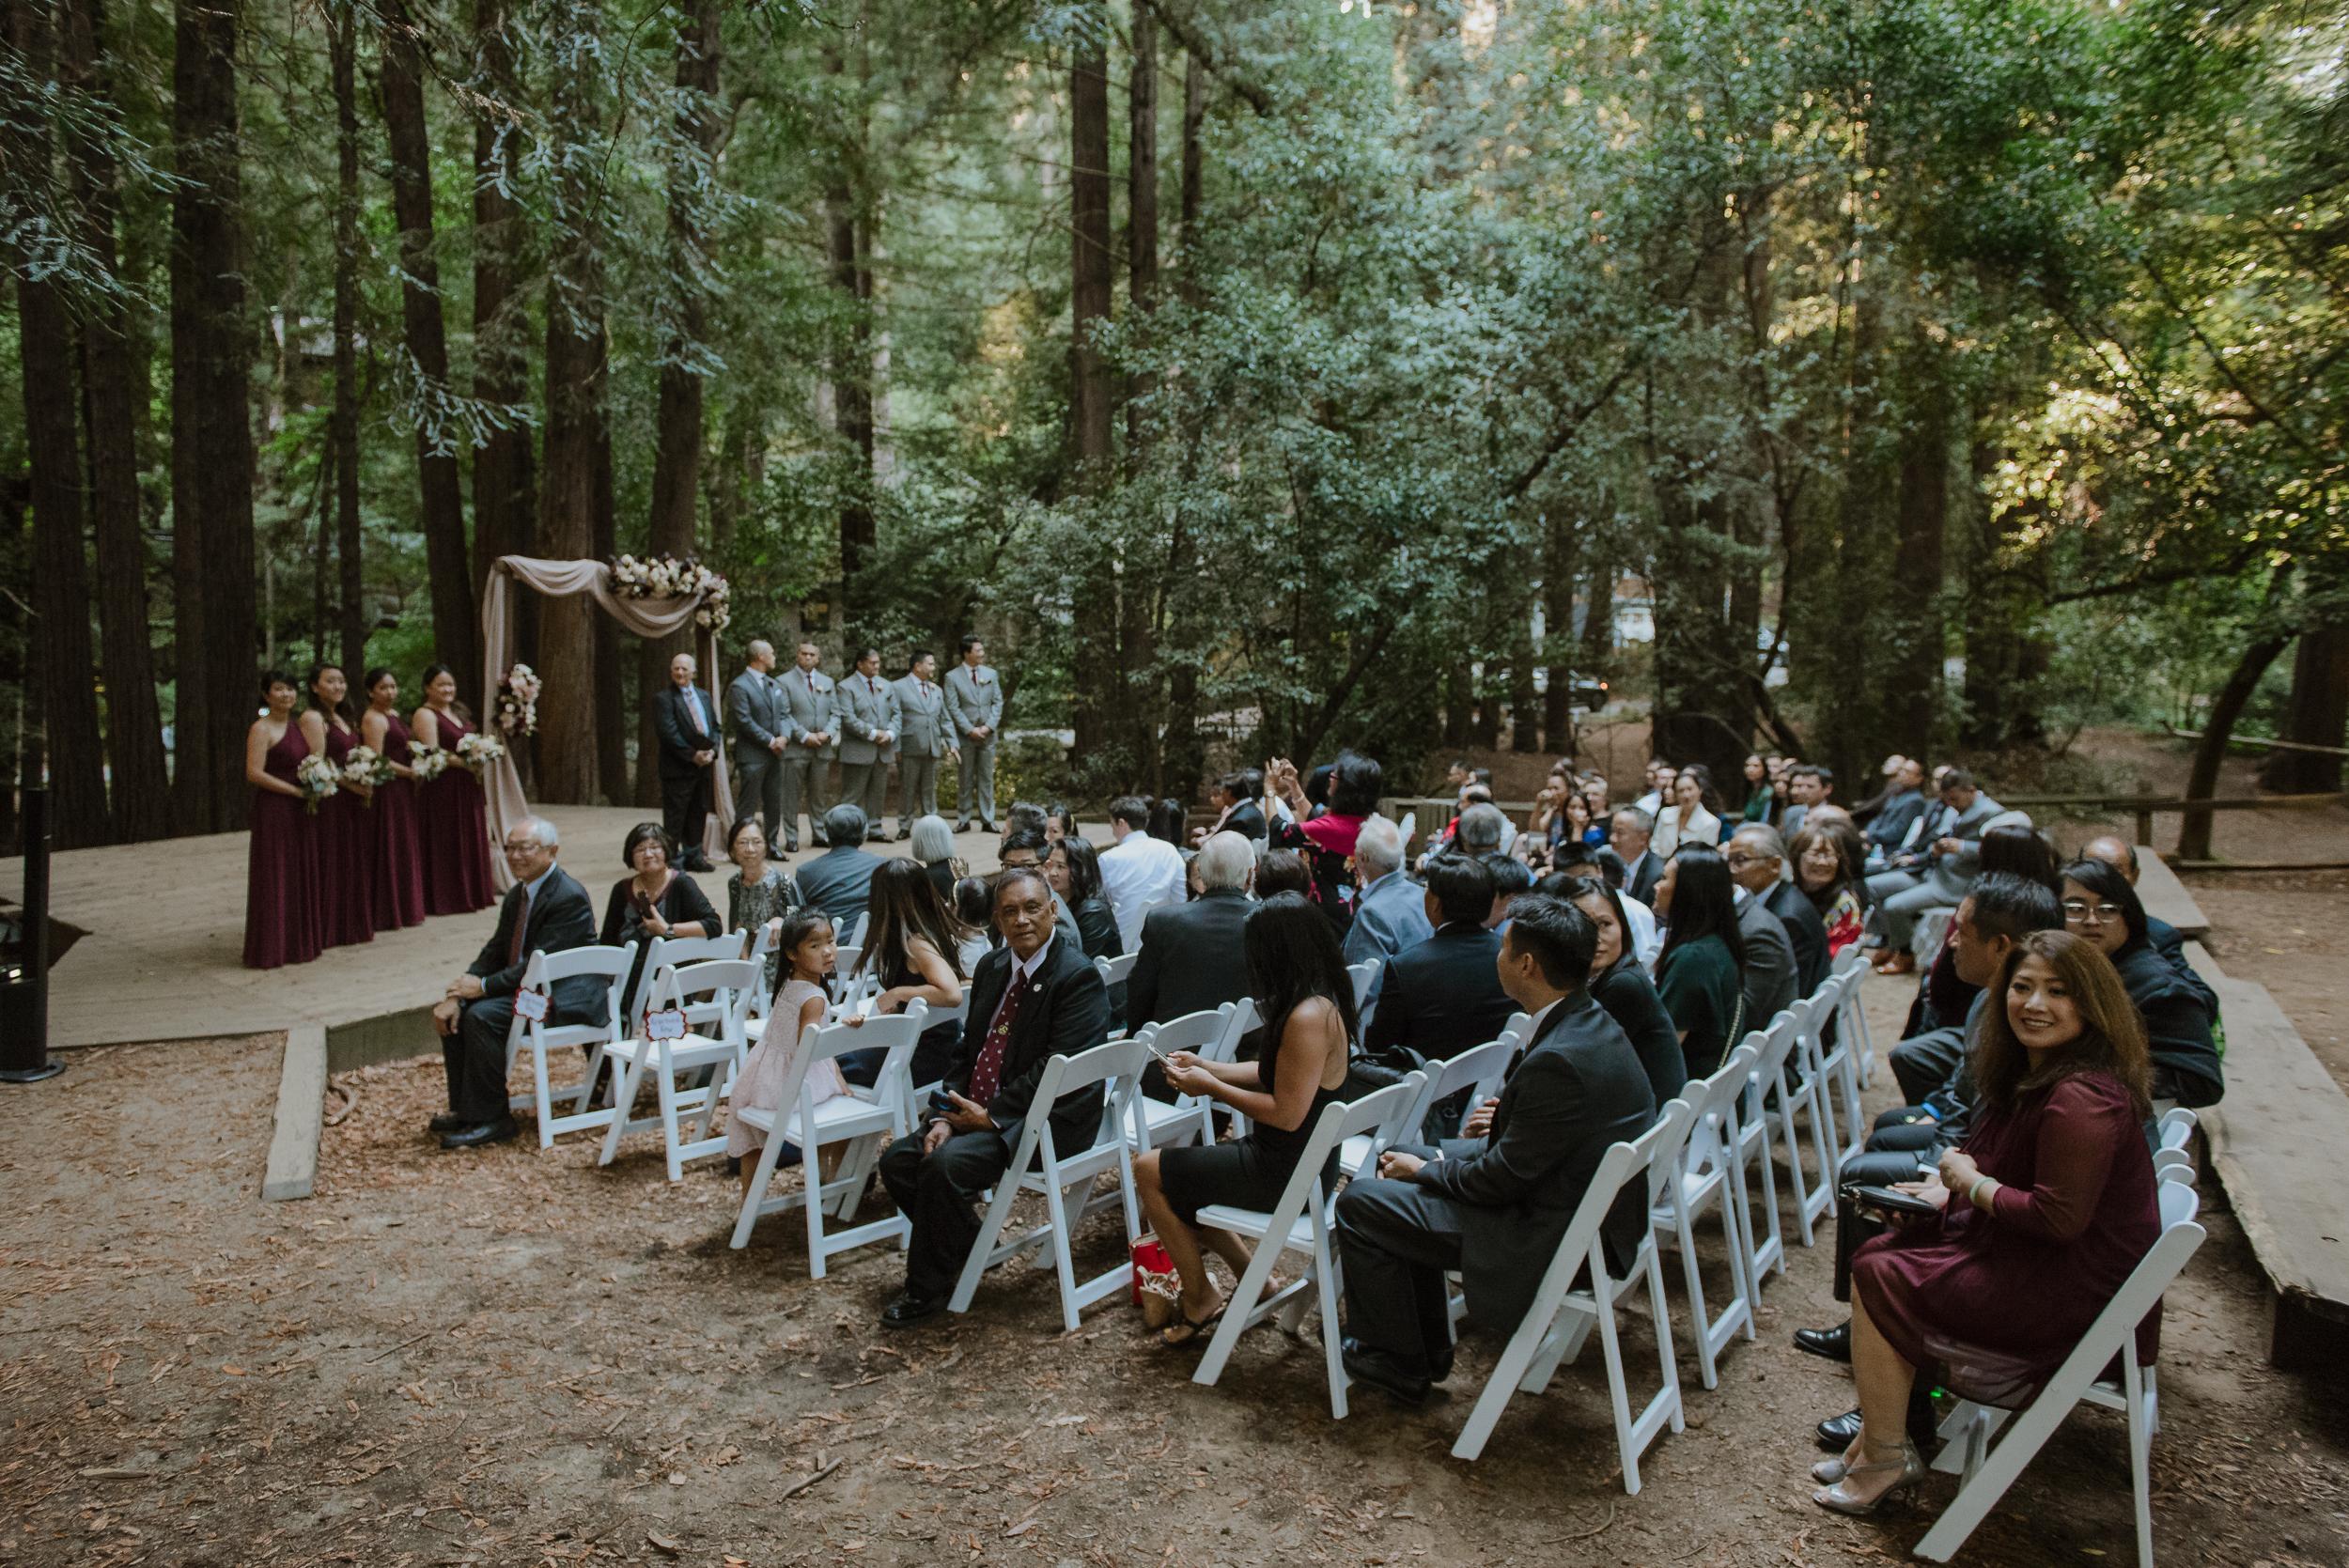 30-old-mill-park-mill-valley-community-center-wedding-vivianchen-299.jpg